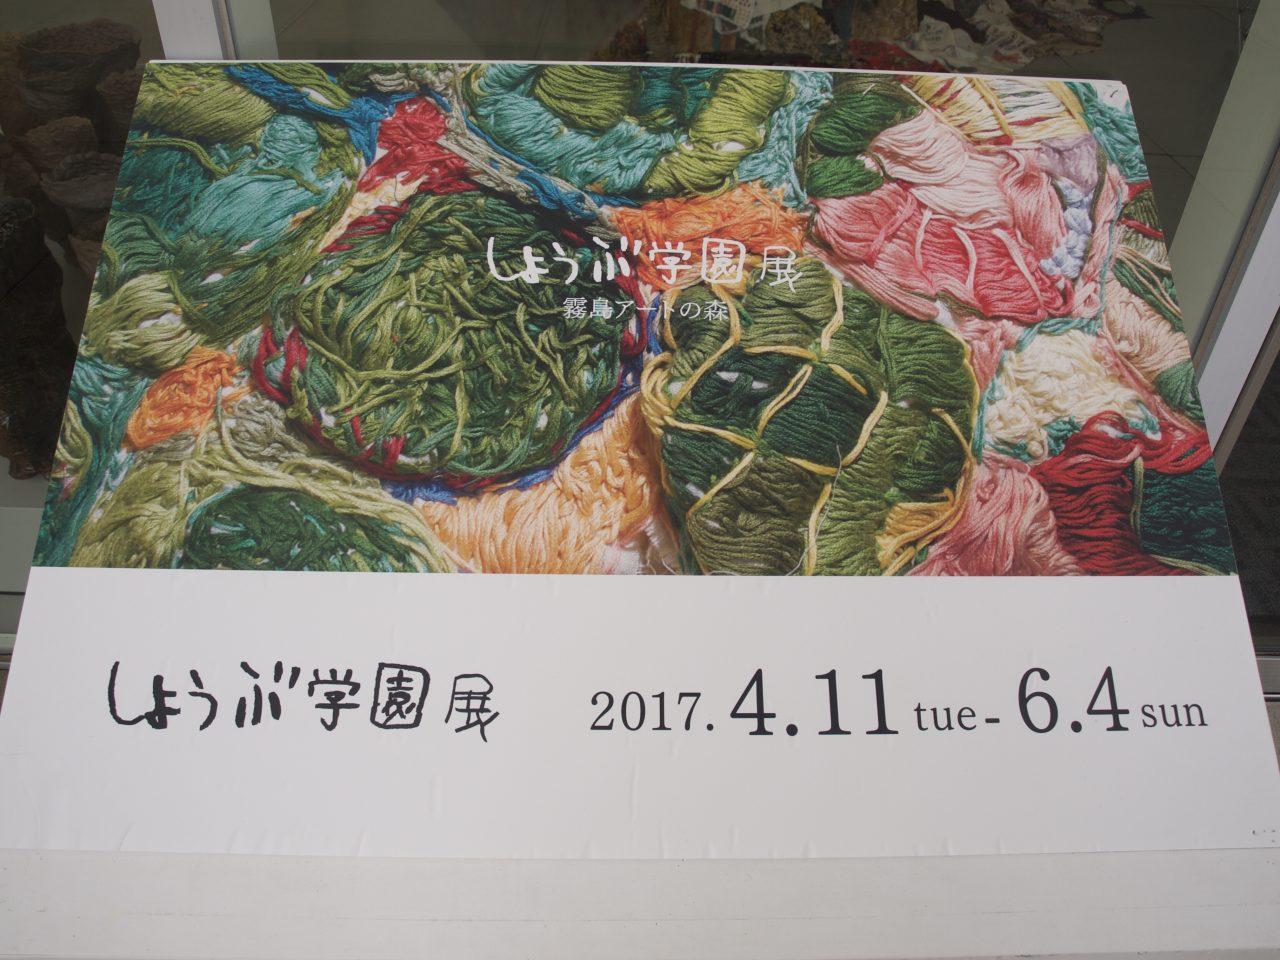 霧島アートの森のしょうぶ学園展に行ってみたレポート!!!